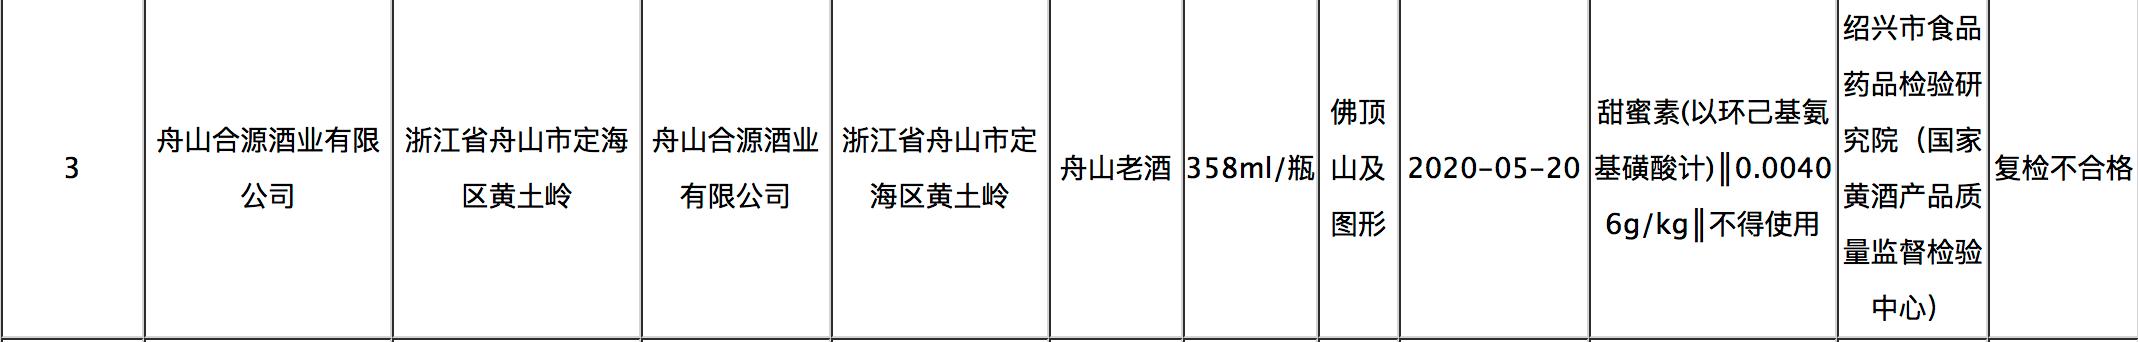 """浙江省食品安全抽检,舟山合源酒业旗下舟山老酒上""""黑榜"""""""